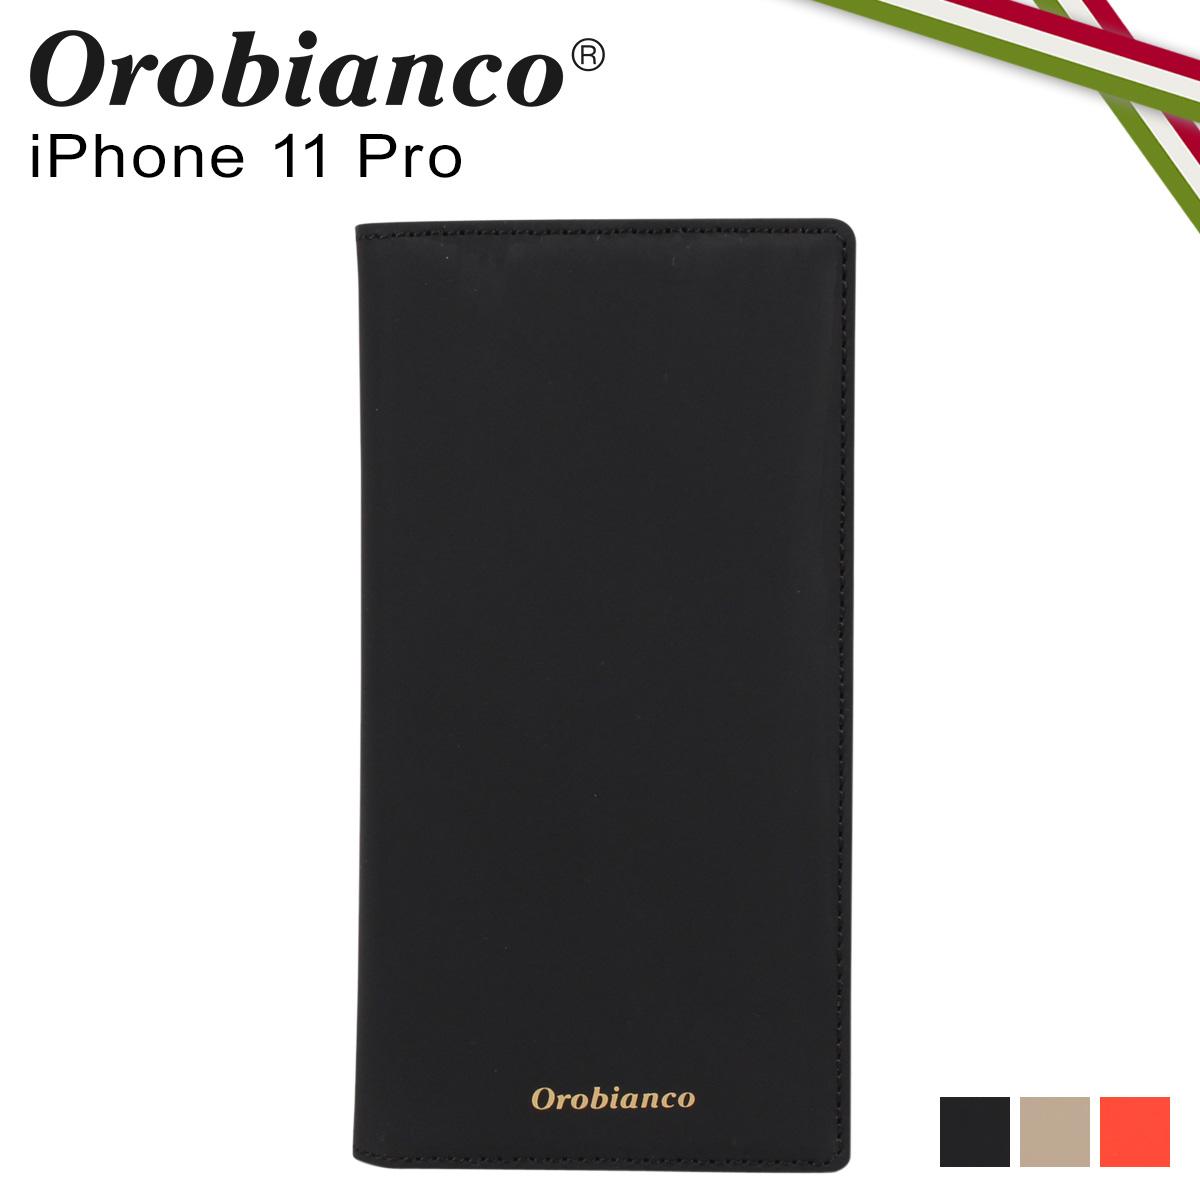 Orobianco オロビアンコ iPhone11 Pro ケース スマホ 携帯 手帳型 アイフォン メンズ レディース GOMMA BOOK TYPE SMARTPHONE CASE ブラック グレージュ オレンジ 黒 ORIP-0007-11Pro